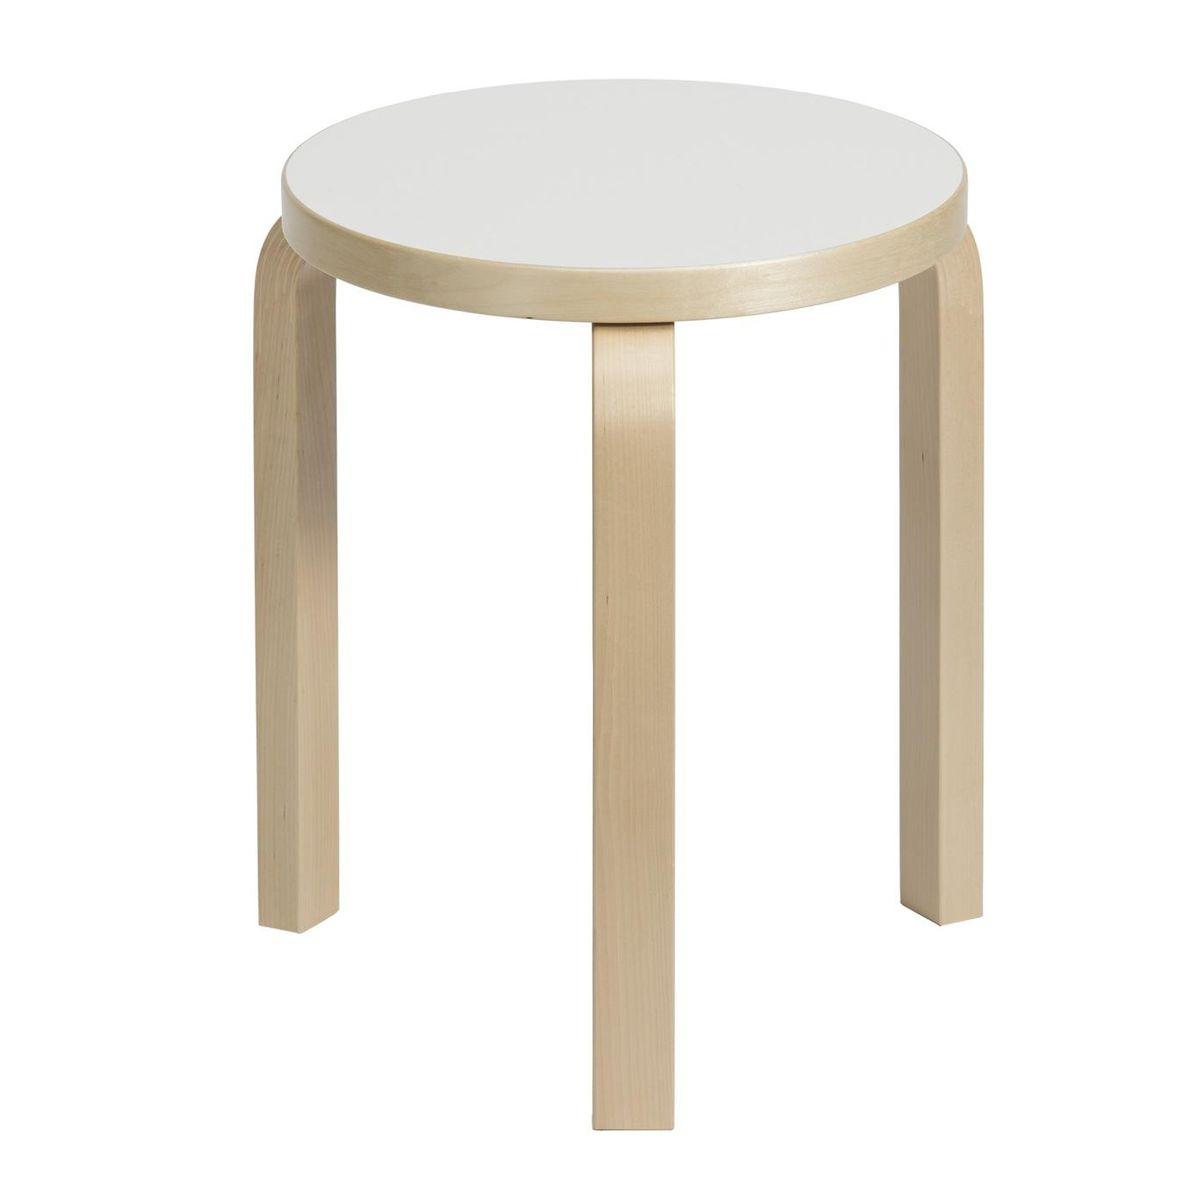 artek 60 hocker artek. Black Bedroom Furniture Sets. Home Design Ideas